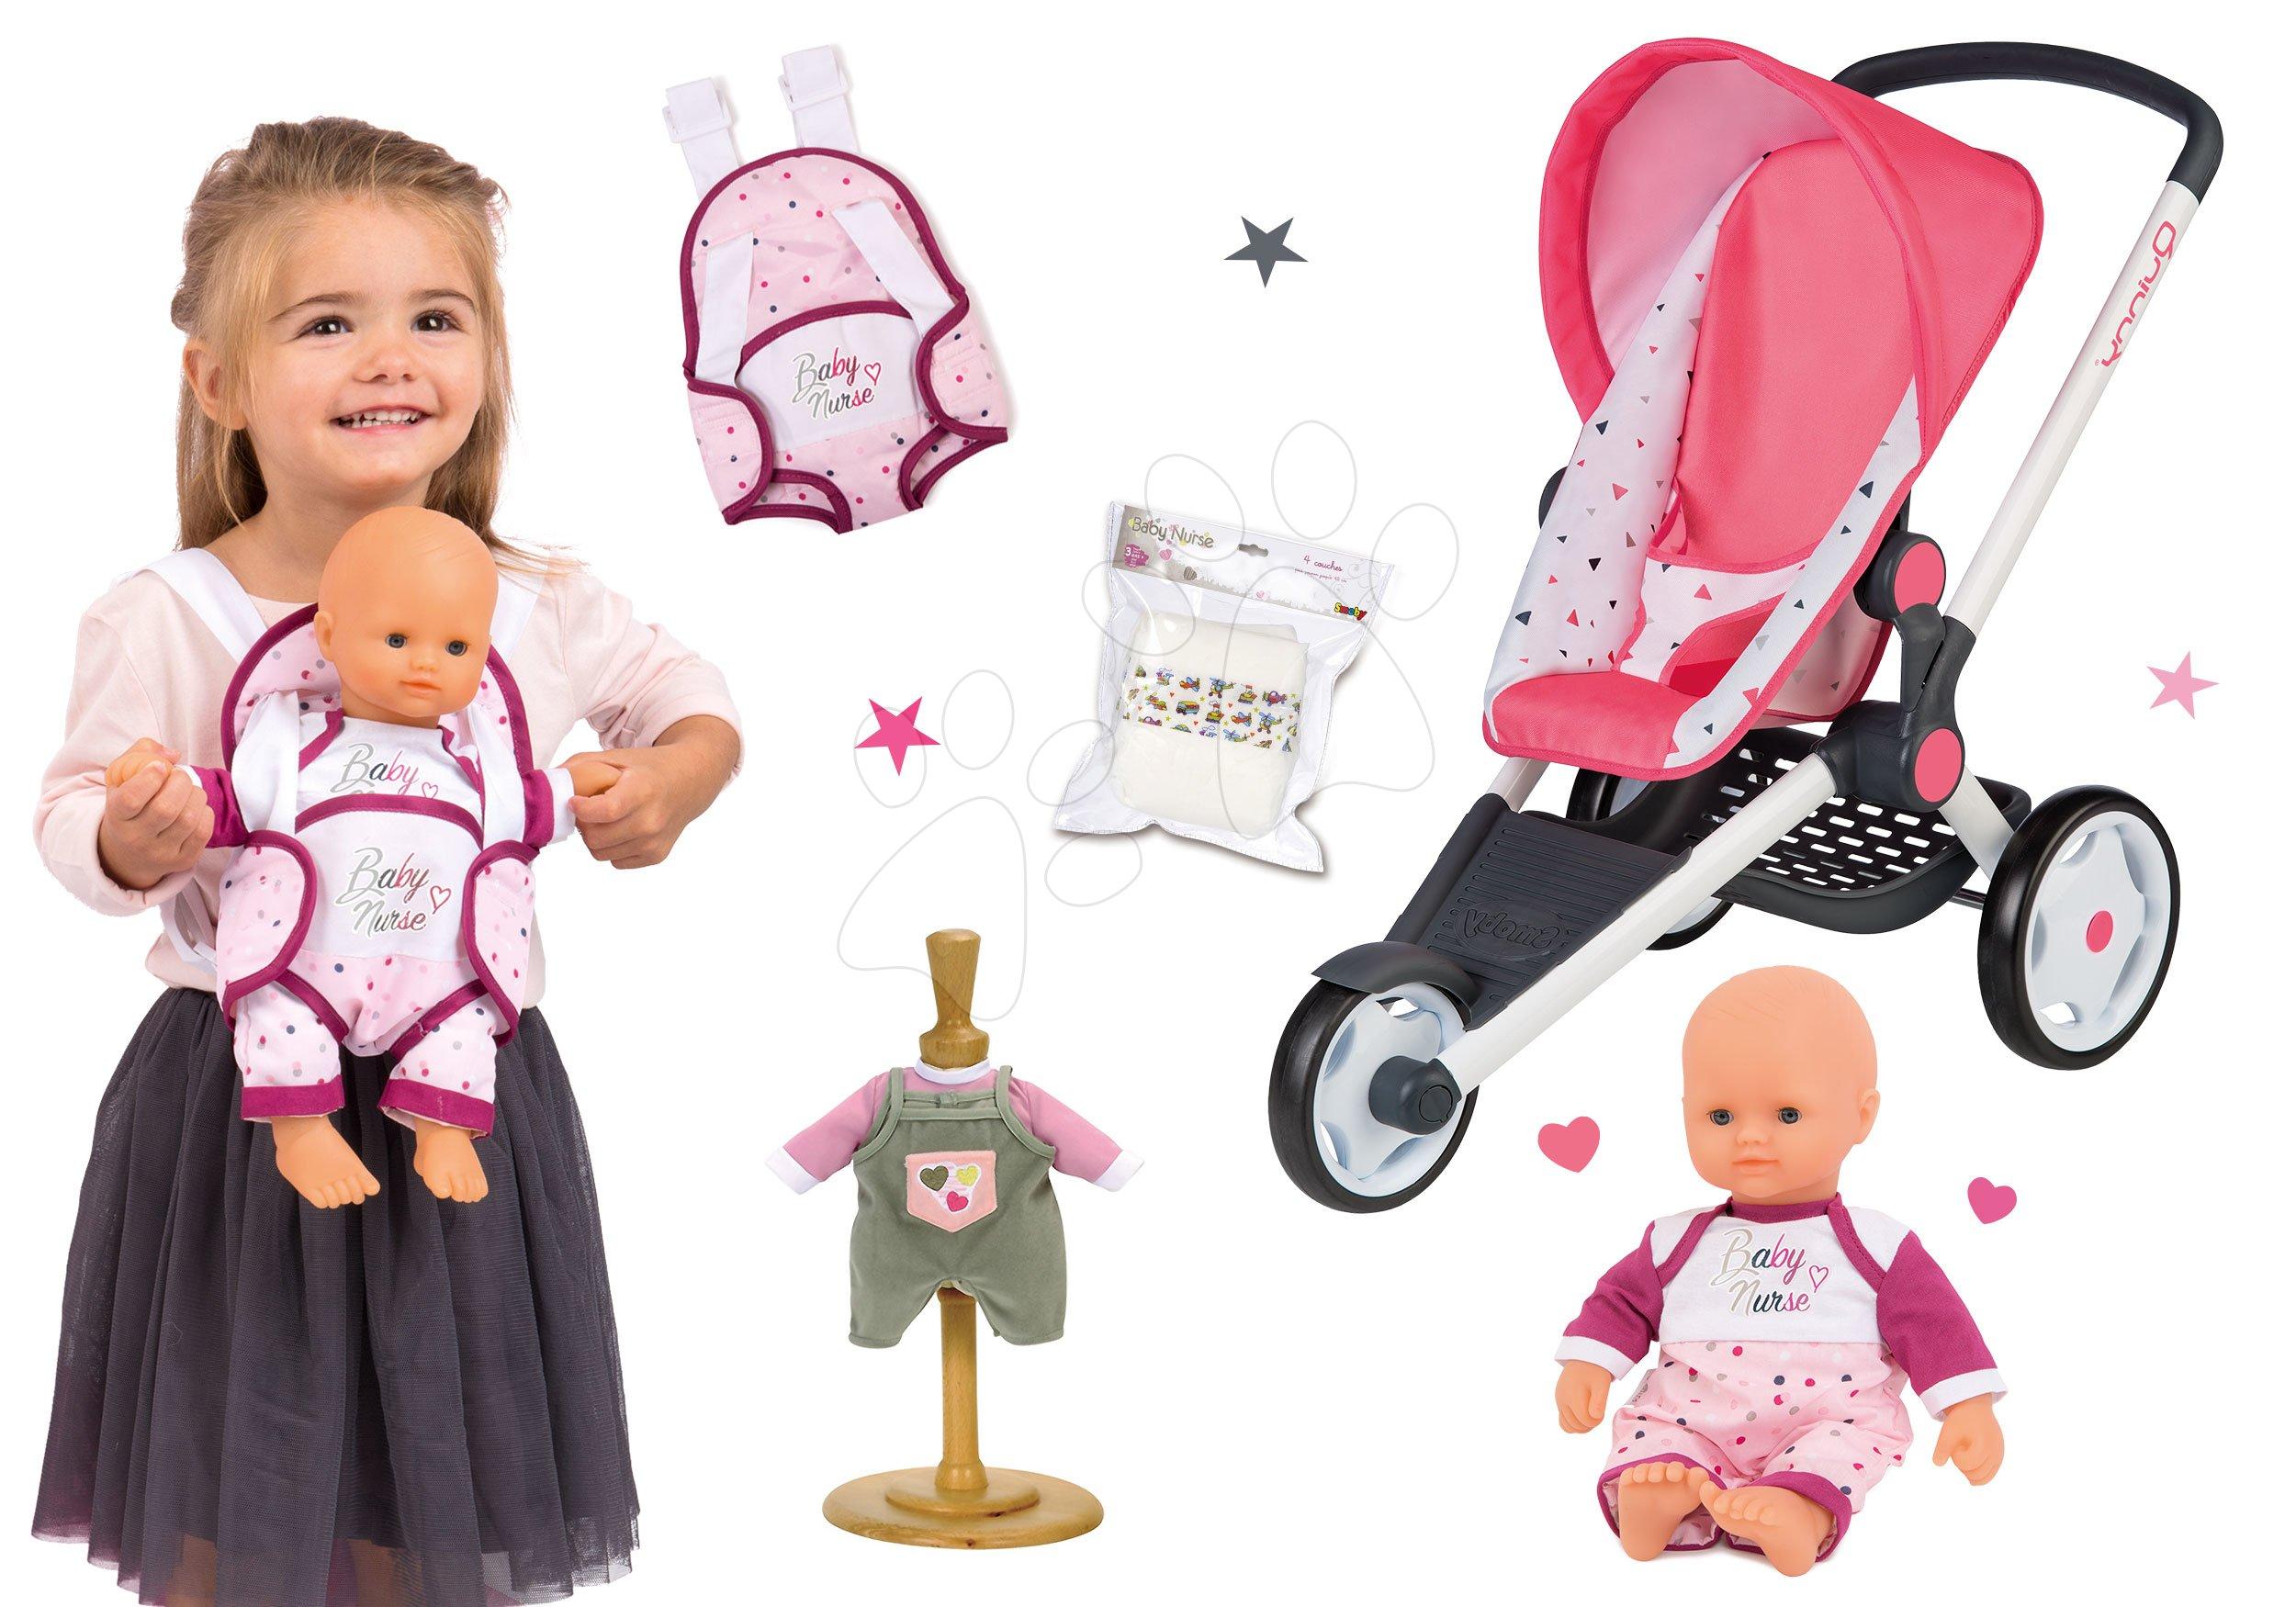 Set sportovní kočárek Trio Pastel Maxi Cosi&Quinny Jogger Smoby polohovatelný se a panenka Baby Nurse 32 cm s nosičem a pamperskami s šatičkami